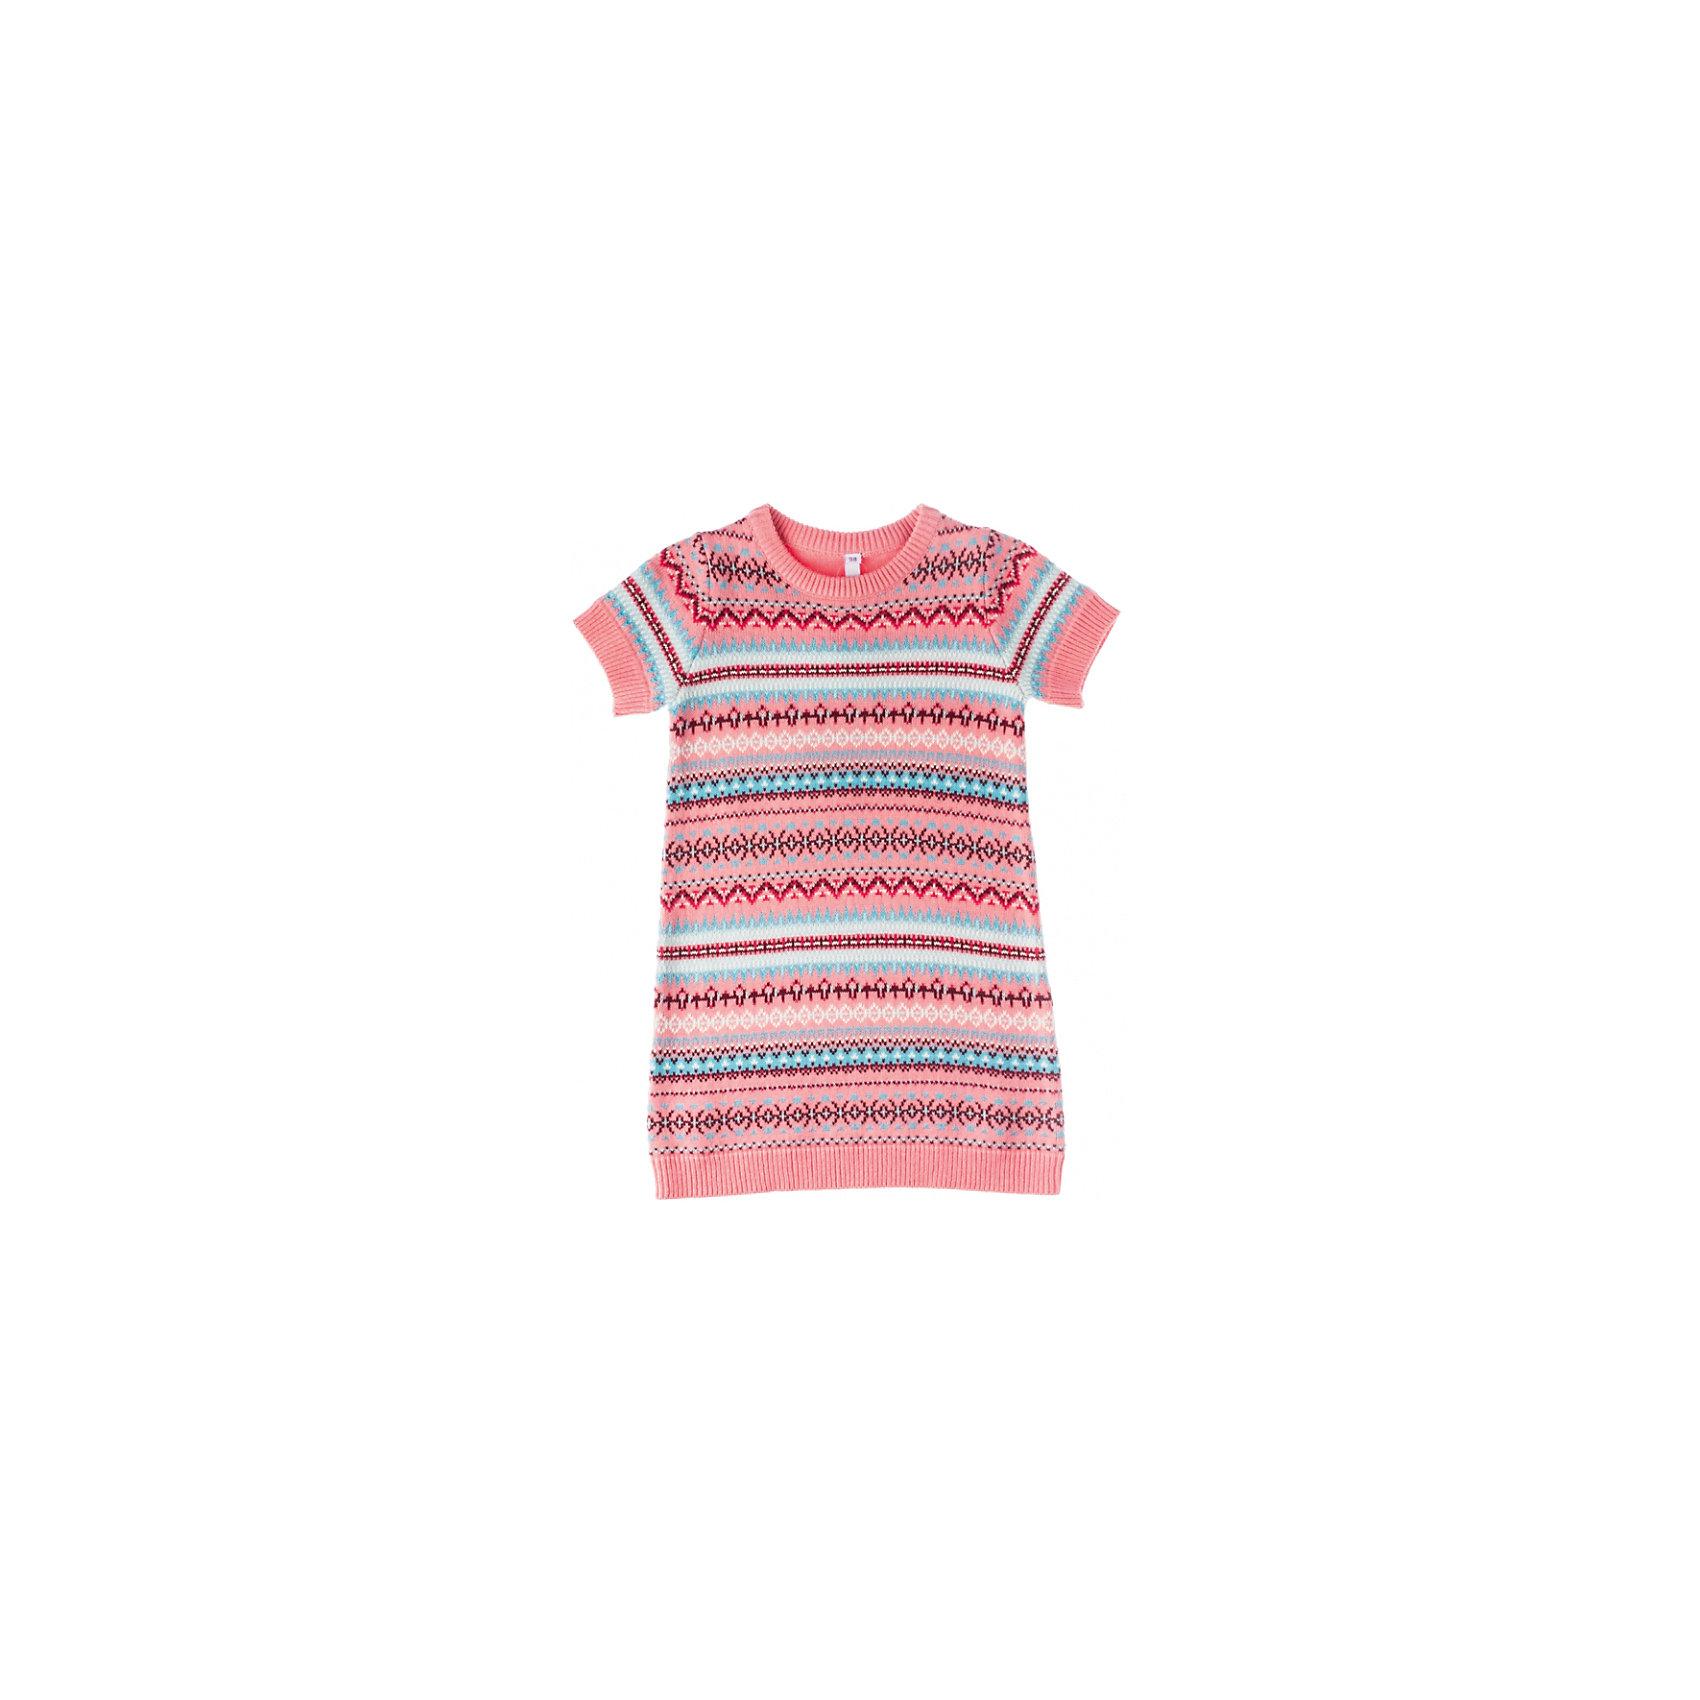 Платье PlayTodayОсенне-зимние платья и сарафаны<br>Платье  PlayToday Стильное вязаное платье с короткими рукавами. Определенно, хит сезона! Прекрасно сидит по фигуре и не теряет форму после стирок. Состав: 60% хлопок, 40% акрил<br><br>Ширина мм: 236<br>Глубина мм: 16<br>Высота мм: 184<br>Вес г: 177<br>Цвет: розовый<br>Возраст от месяцев: 24<br>Возраст до месяцев: 36<br>Пол: Женский<br>Возраст: Детский<br>Размер: 98,104,110,116,128,122<br>SKU: 4228657